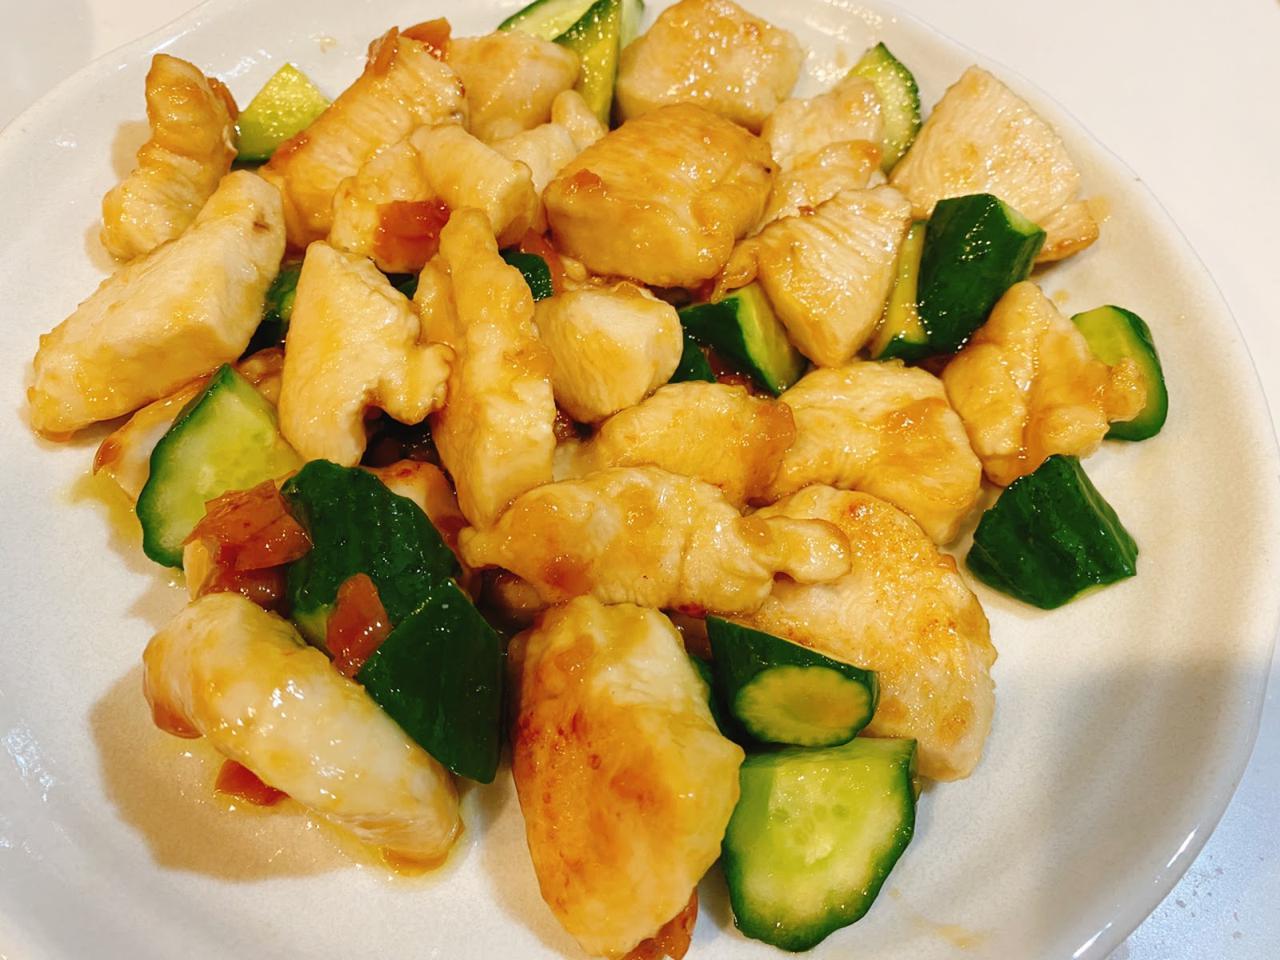 画像: やみつき夏レシピ④きゅうりと鶏肉の梅炒め